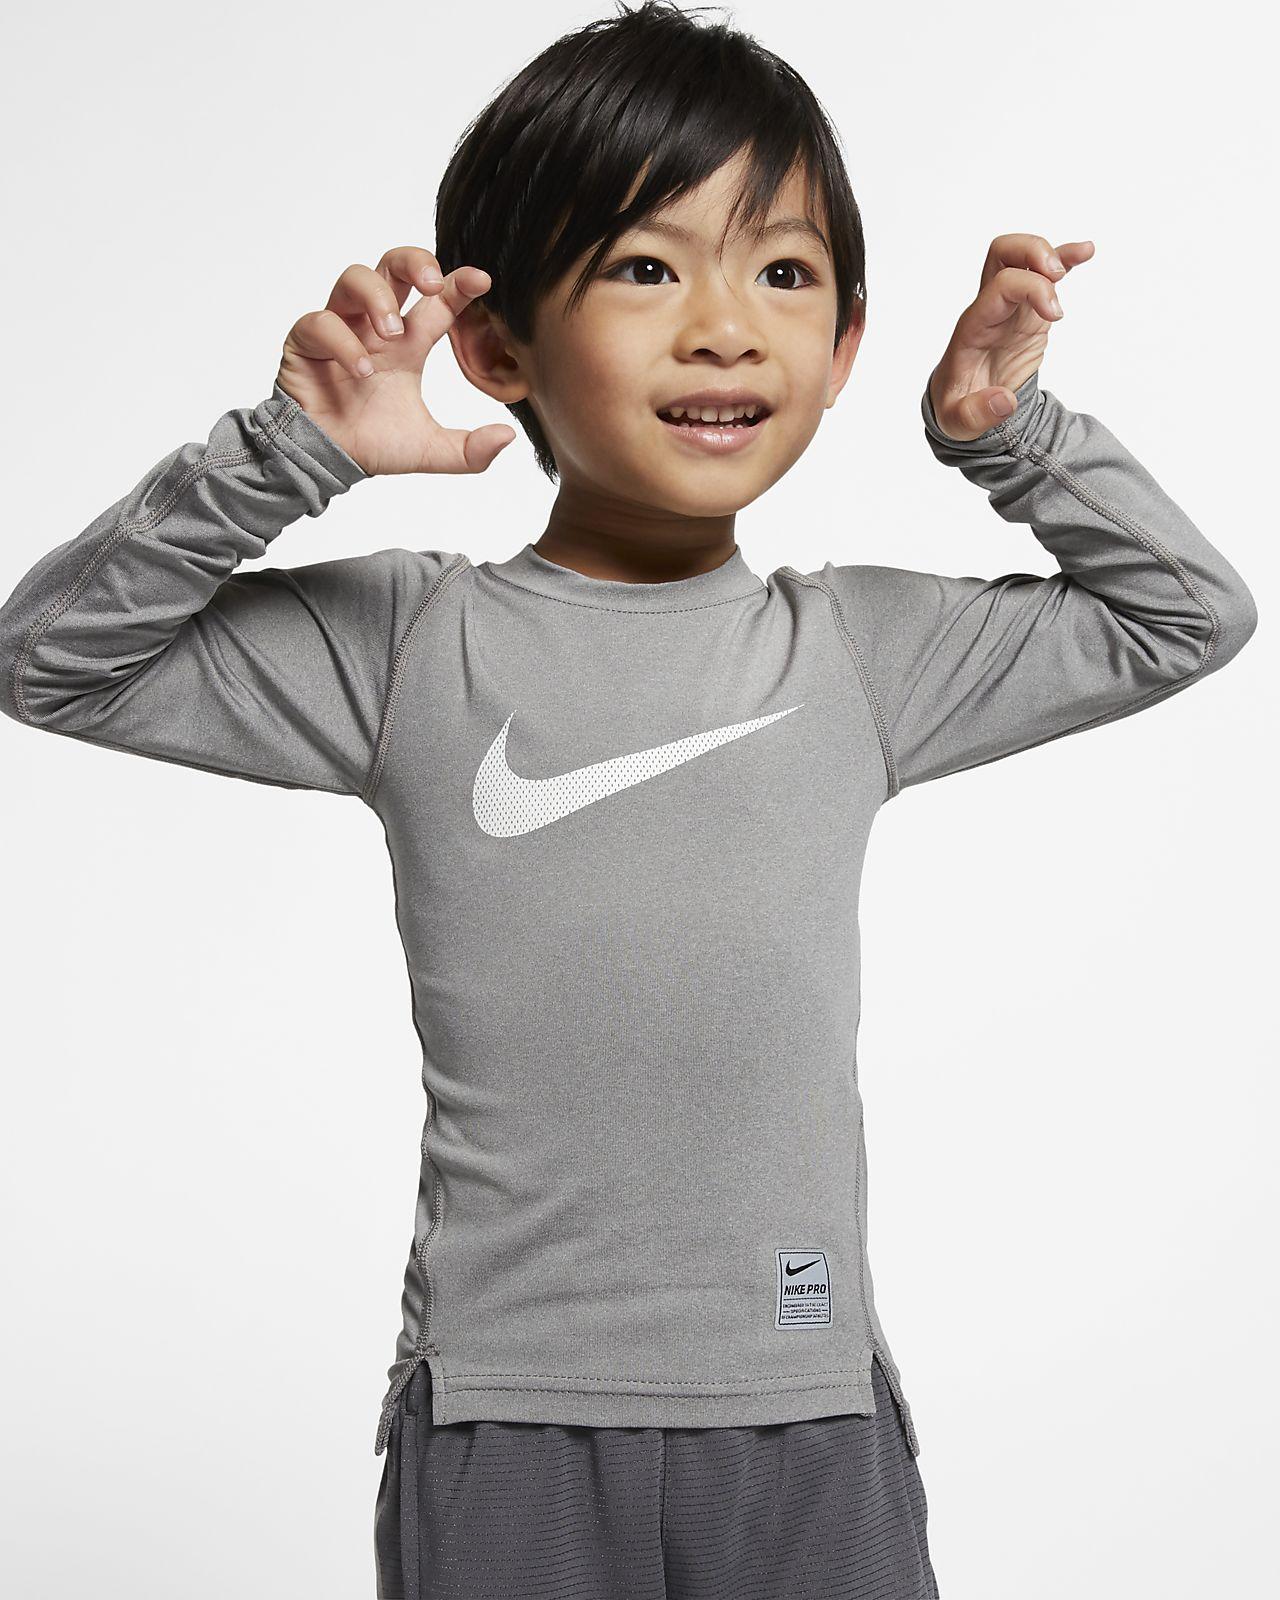 Nike Pro Little Kids' (Boys') Long Sleeve Training Top